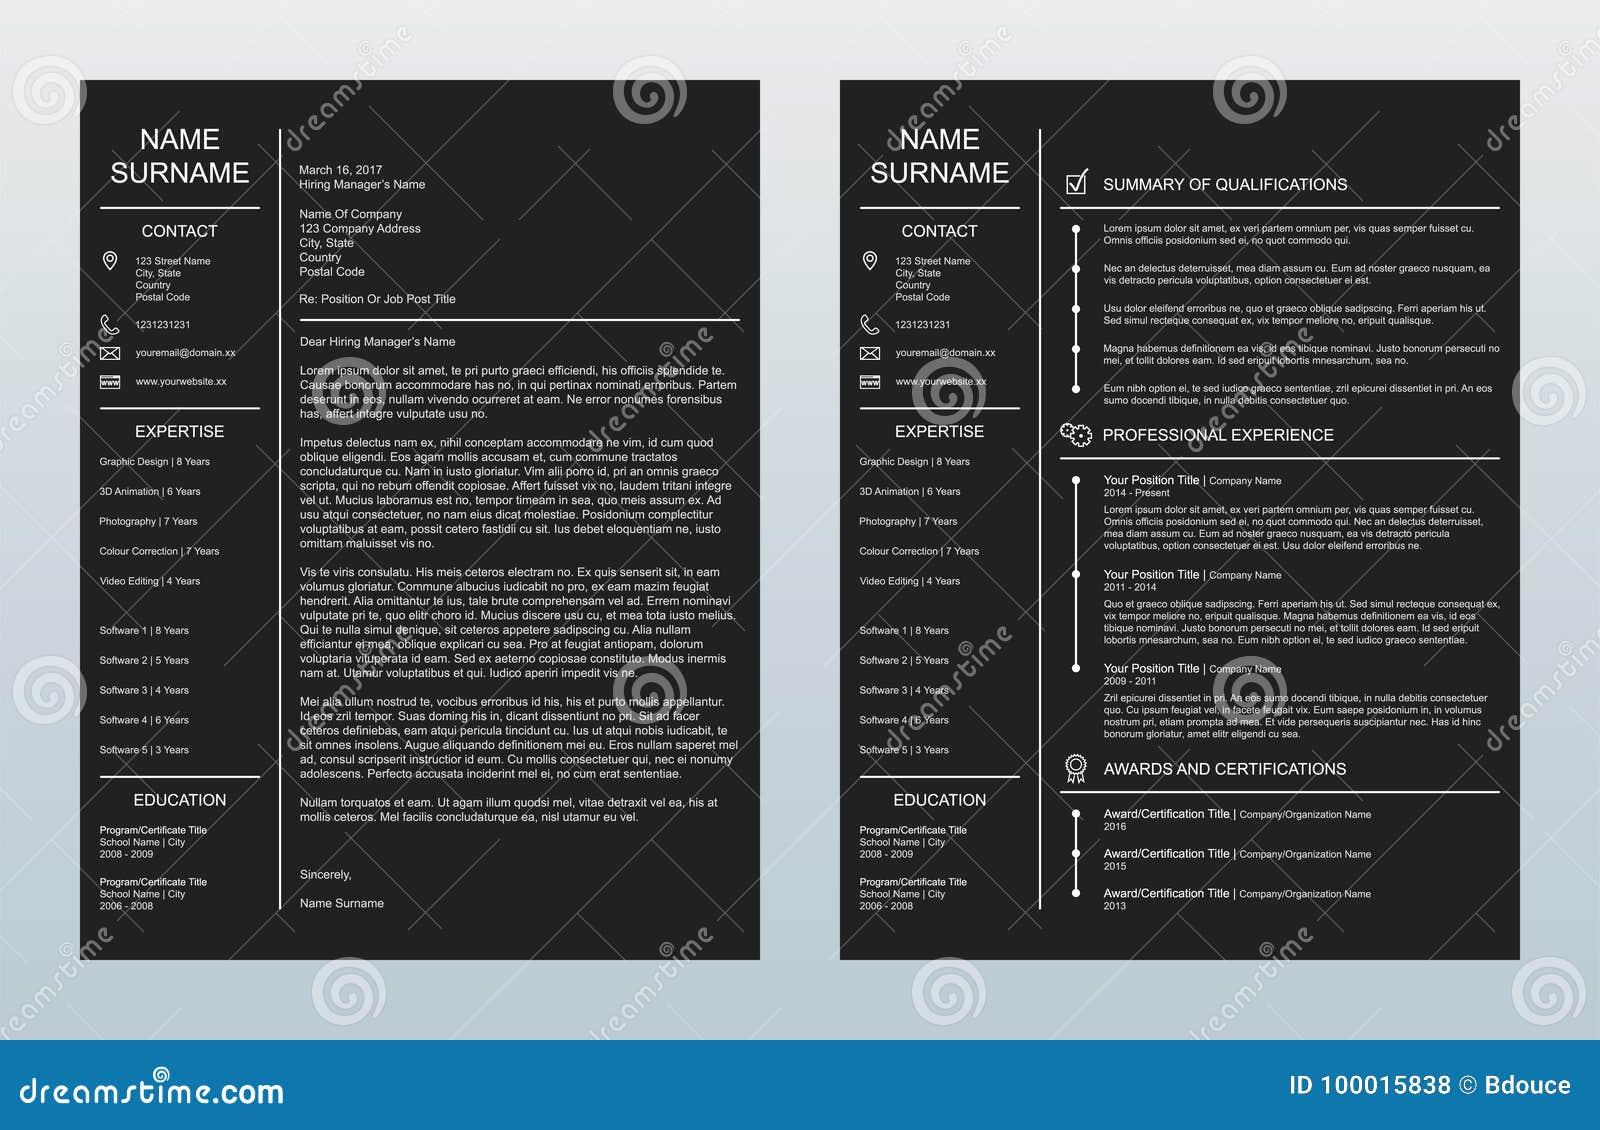 Vektor-unbedeutendes kreatives Anschreiben und eine Schablone der Seiten-Resume/CV auf Holzkohlen-Hintergrund